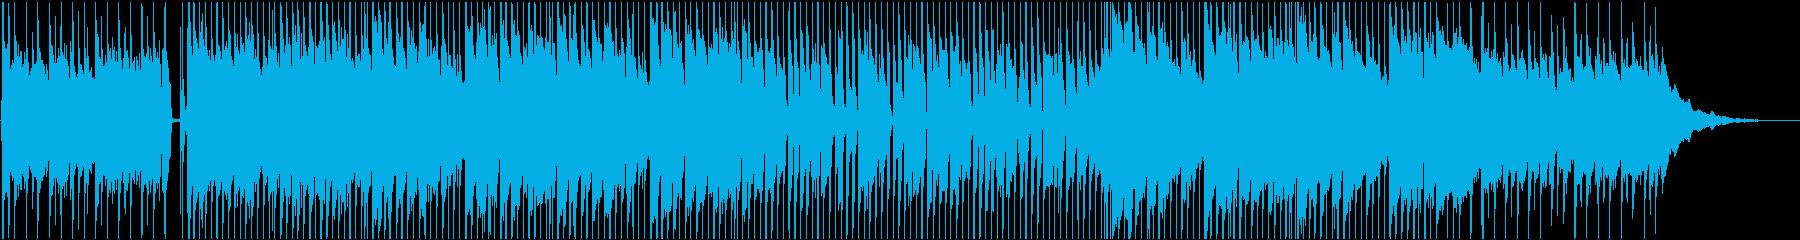 クラップとギターで楽しいPOPの再生済みの波形